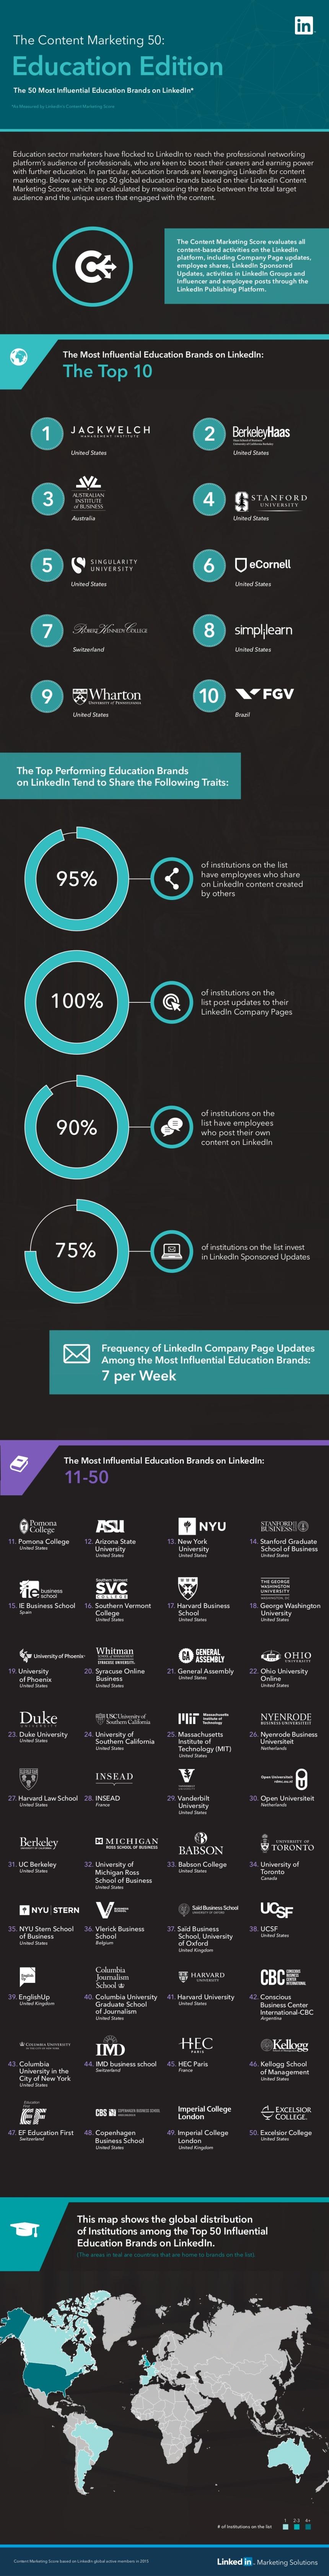 50 Marcas Educativas más influyentes en LinkedIn